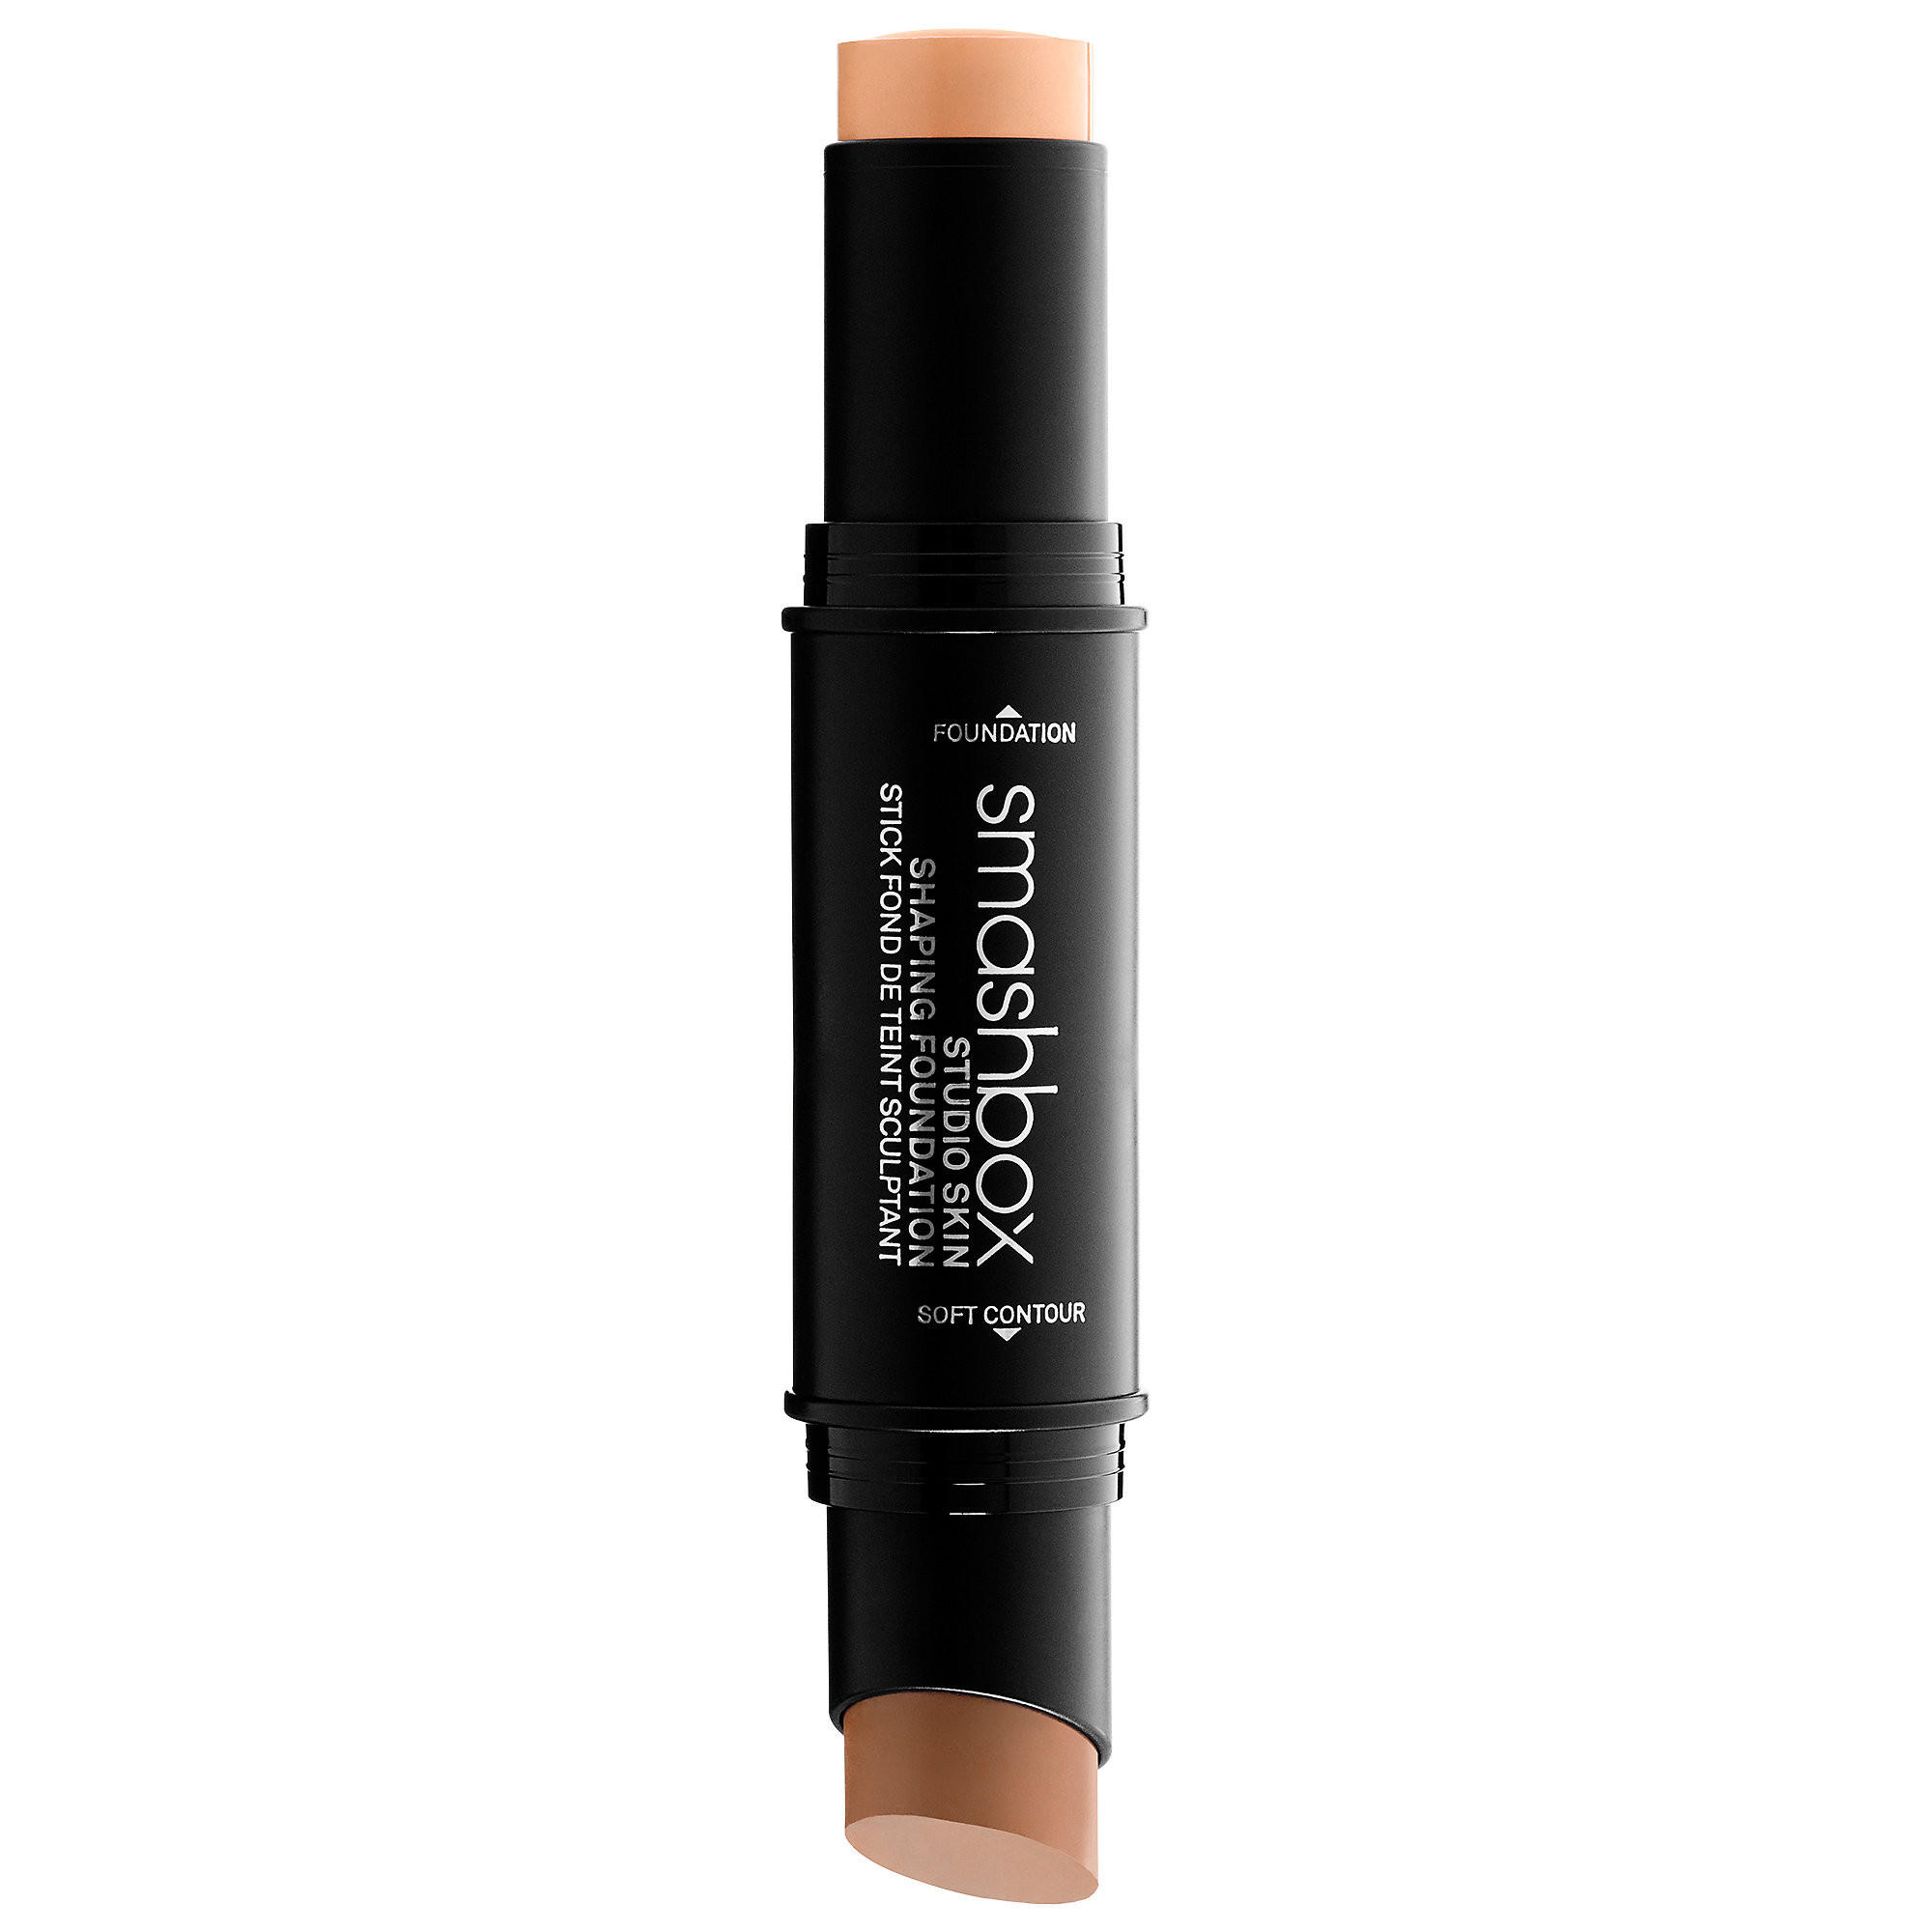 Smashbox Studio Skin Face Shaping Foundation Stick 1.2